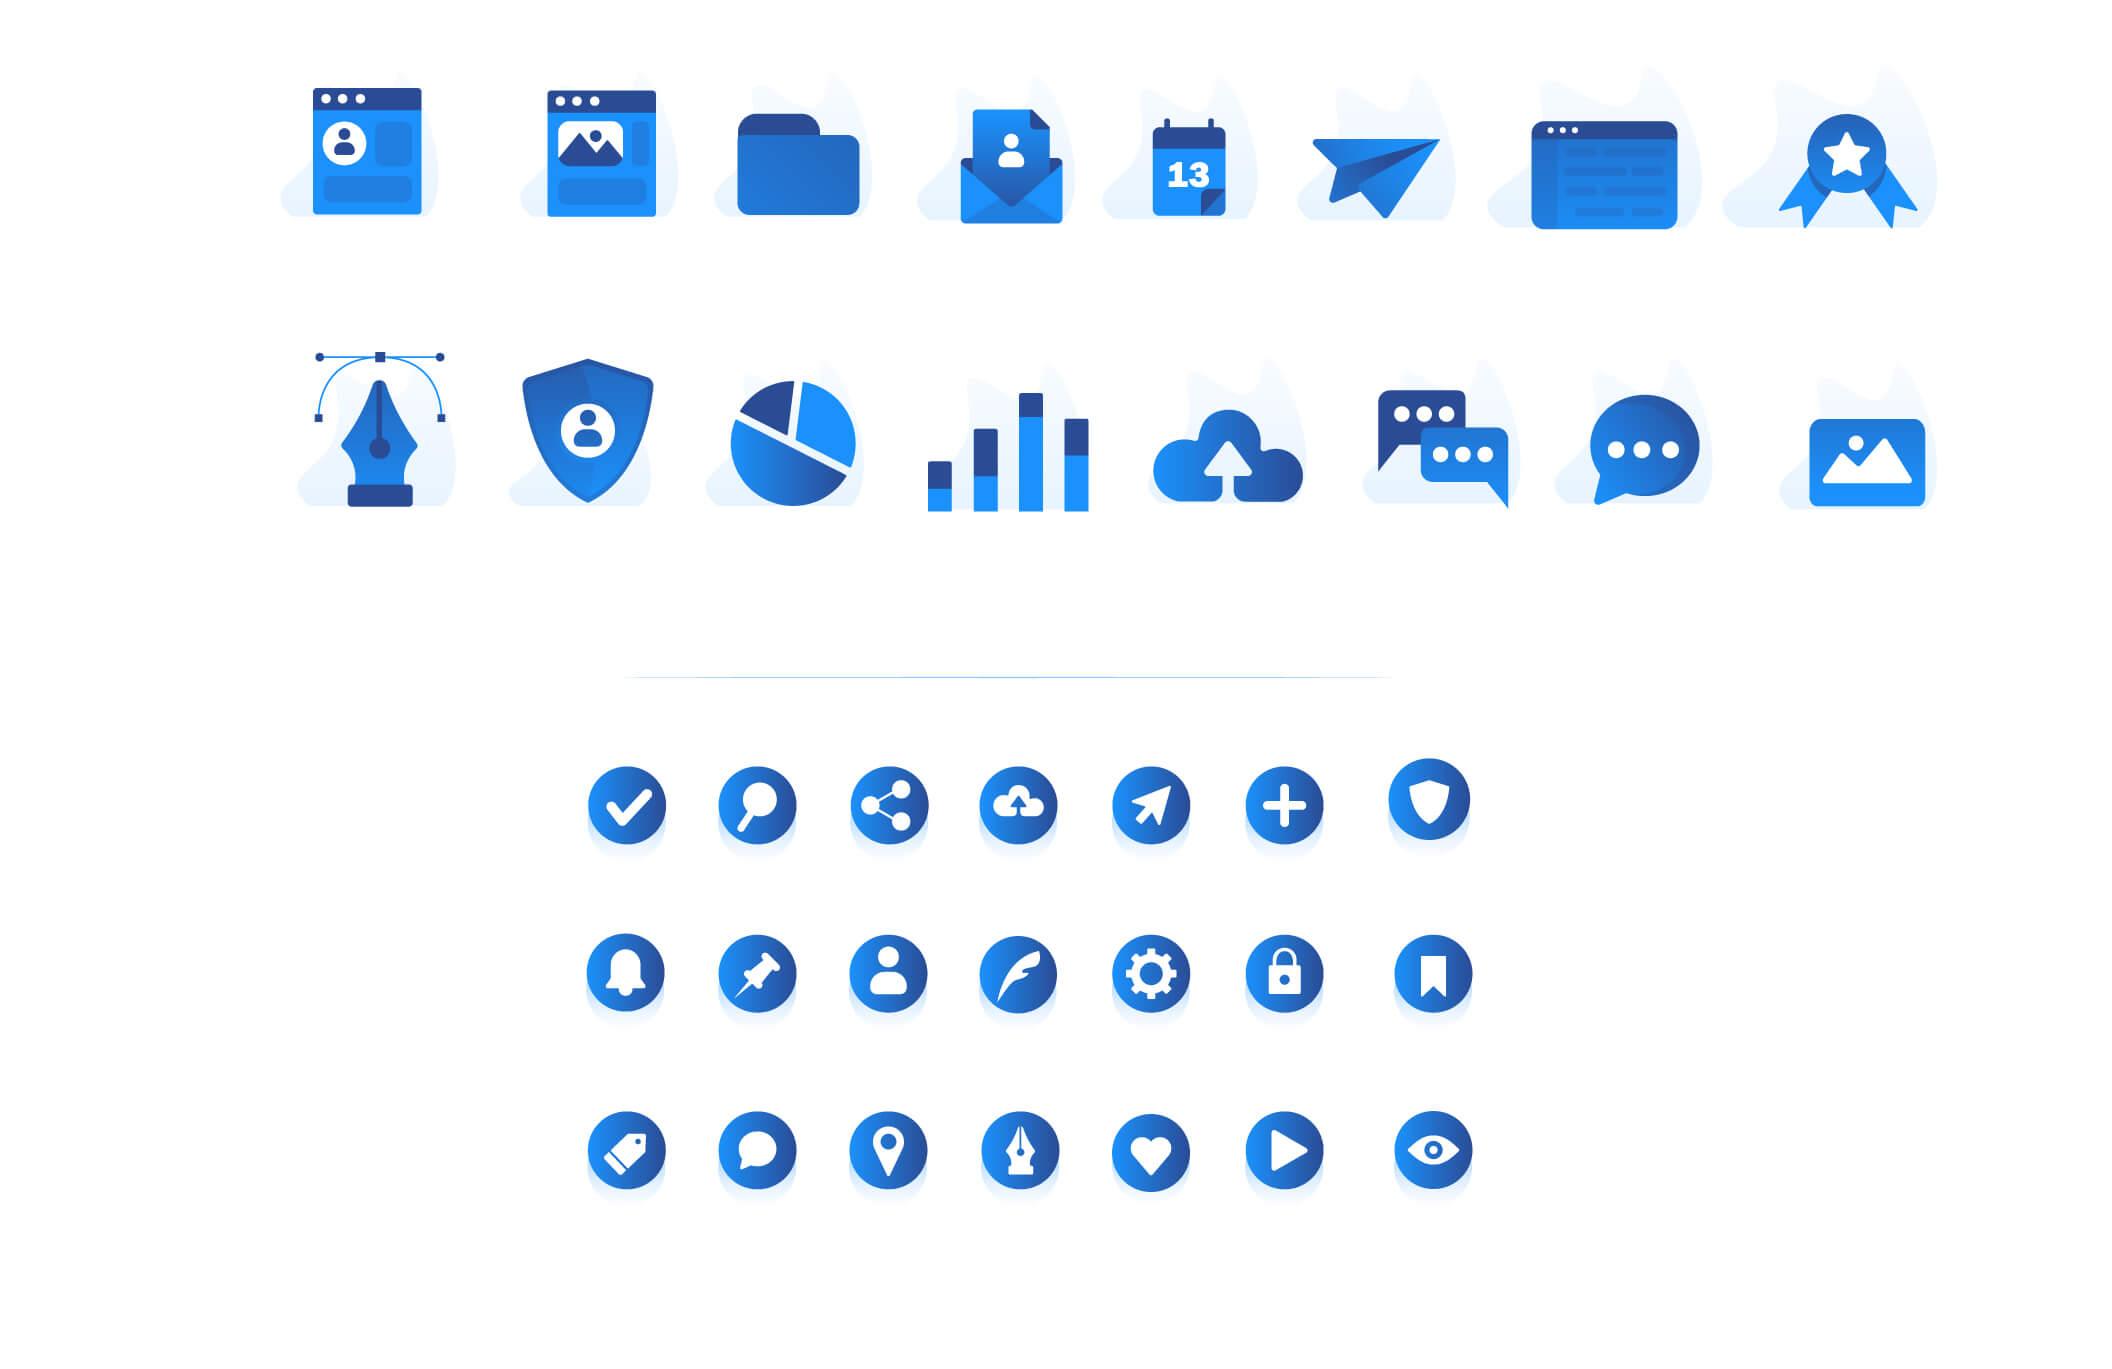 现代企业办公场景插画/移动界面素材下载Illustration Pack插图(16)